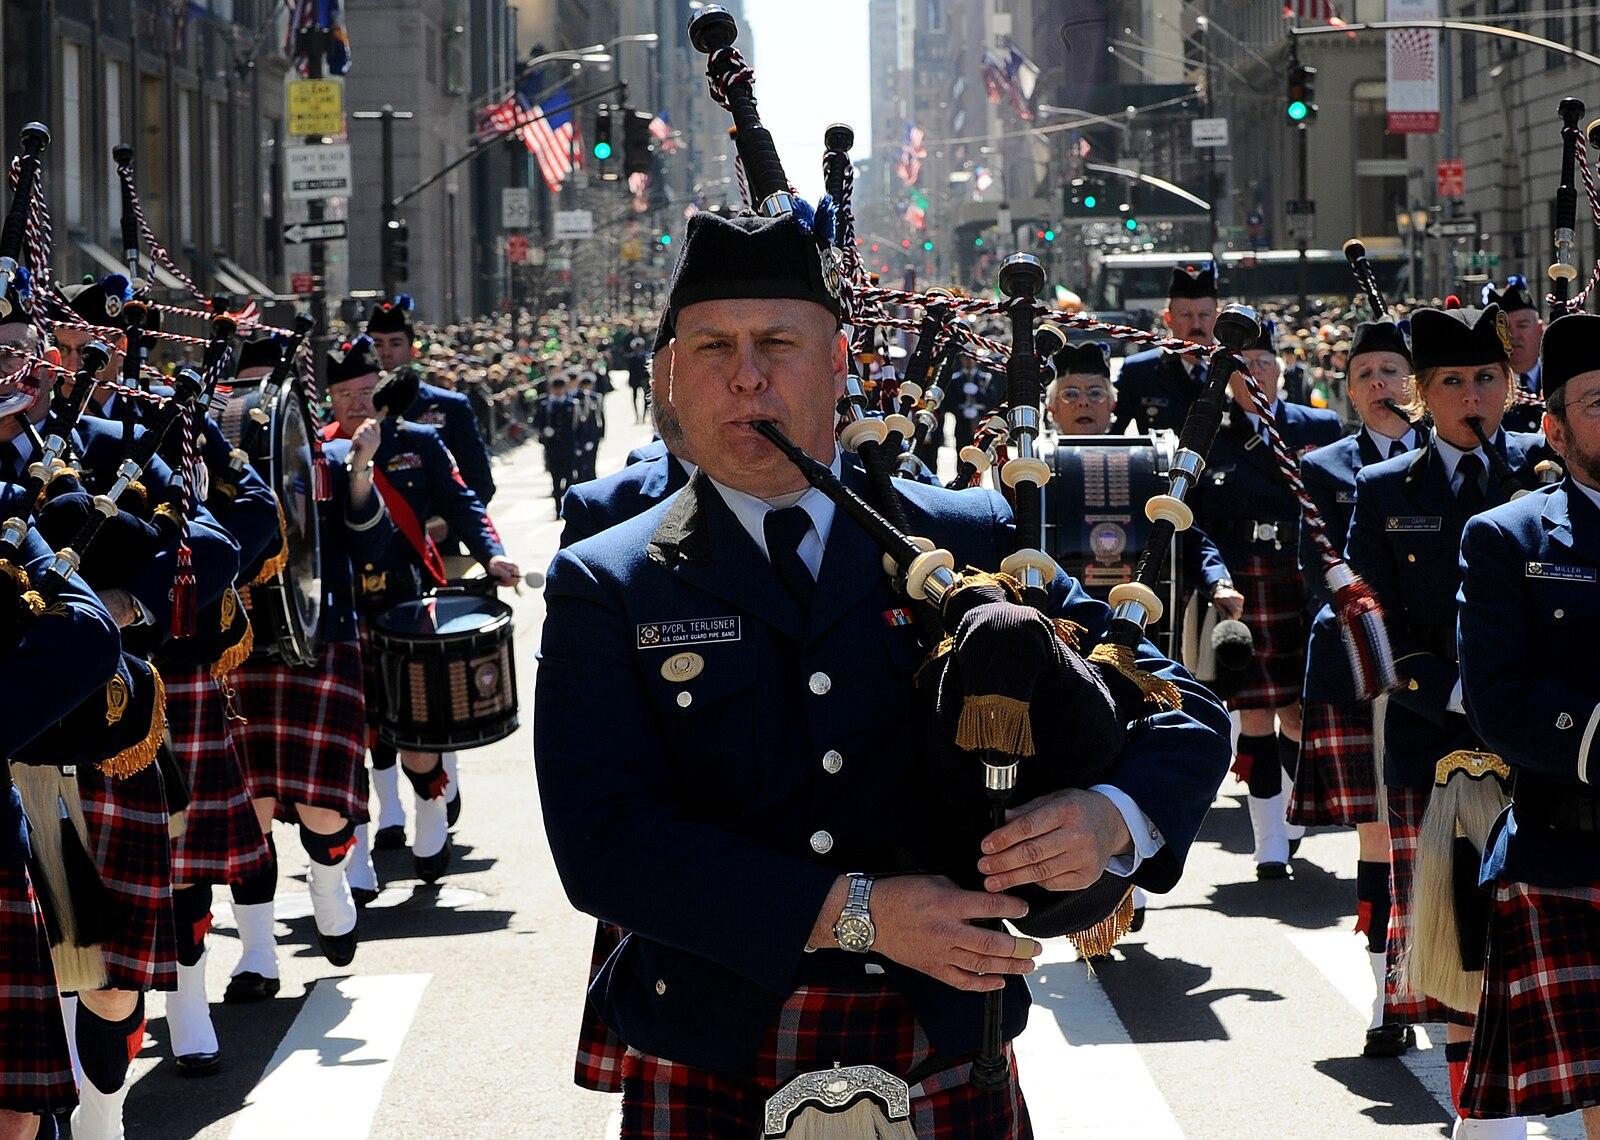 Saint Patrick's Day Parade NYC